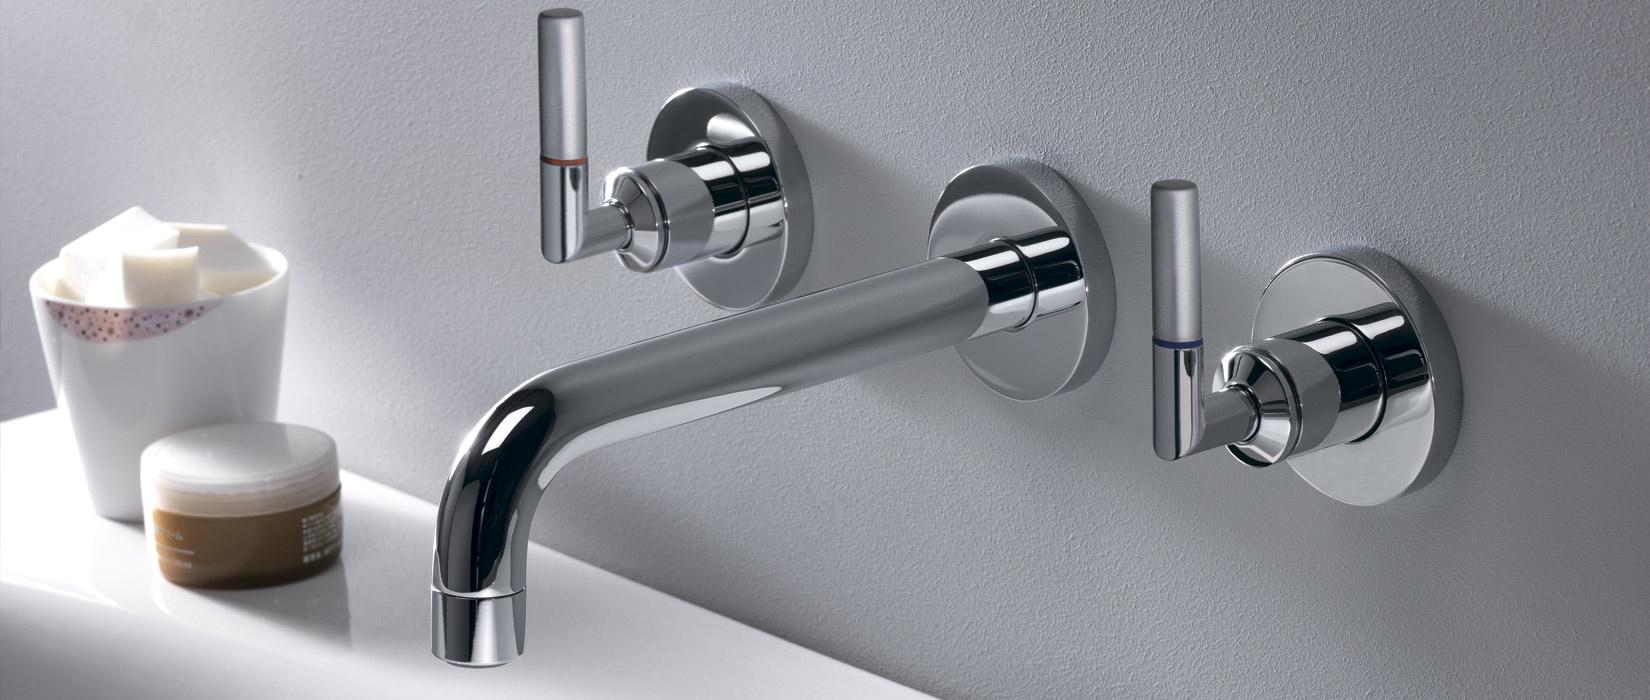 Смеситель скрытого монтажа для ванной прячем неприглядные коммуникации